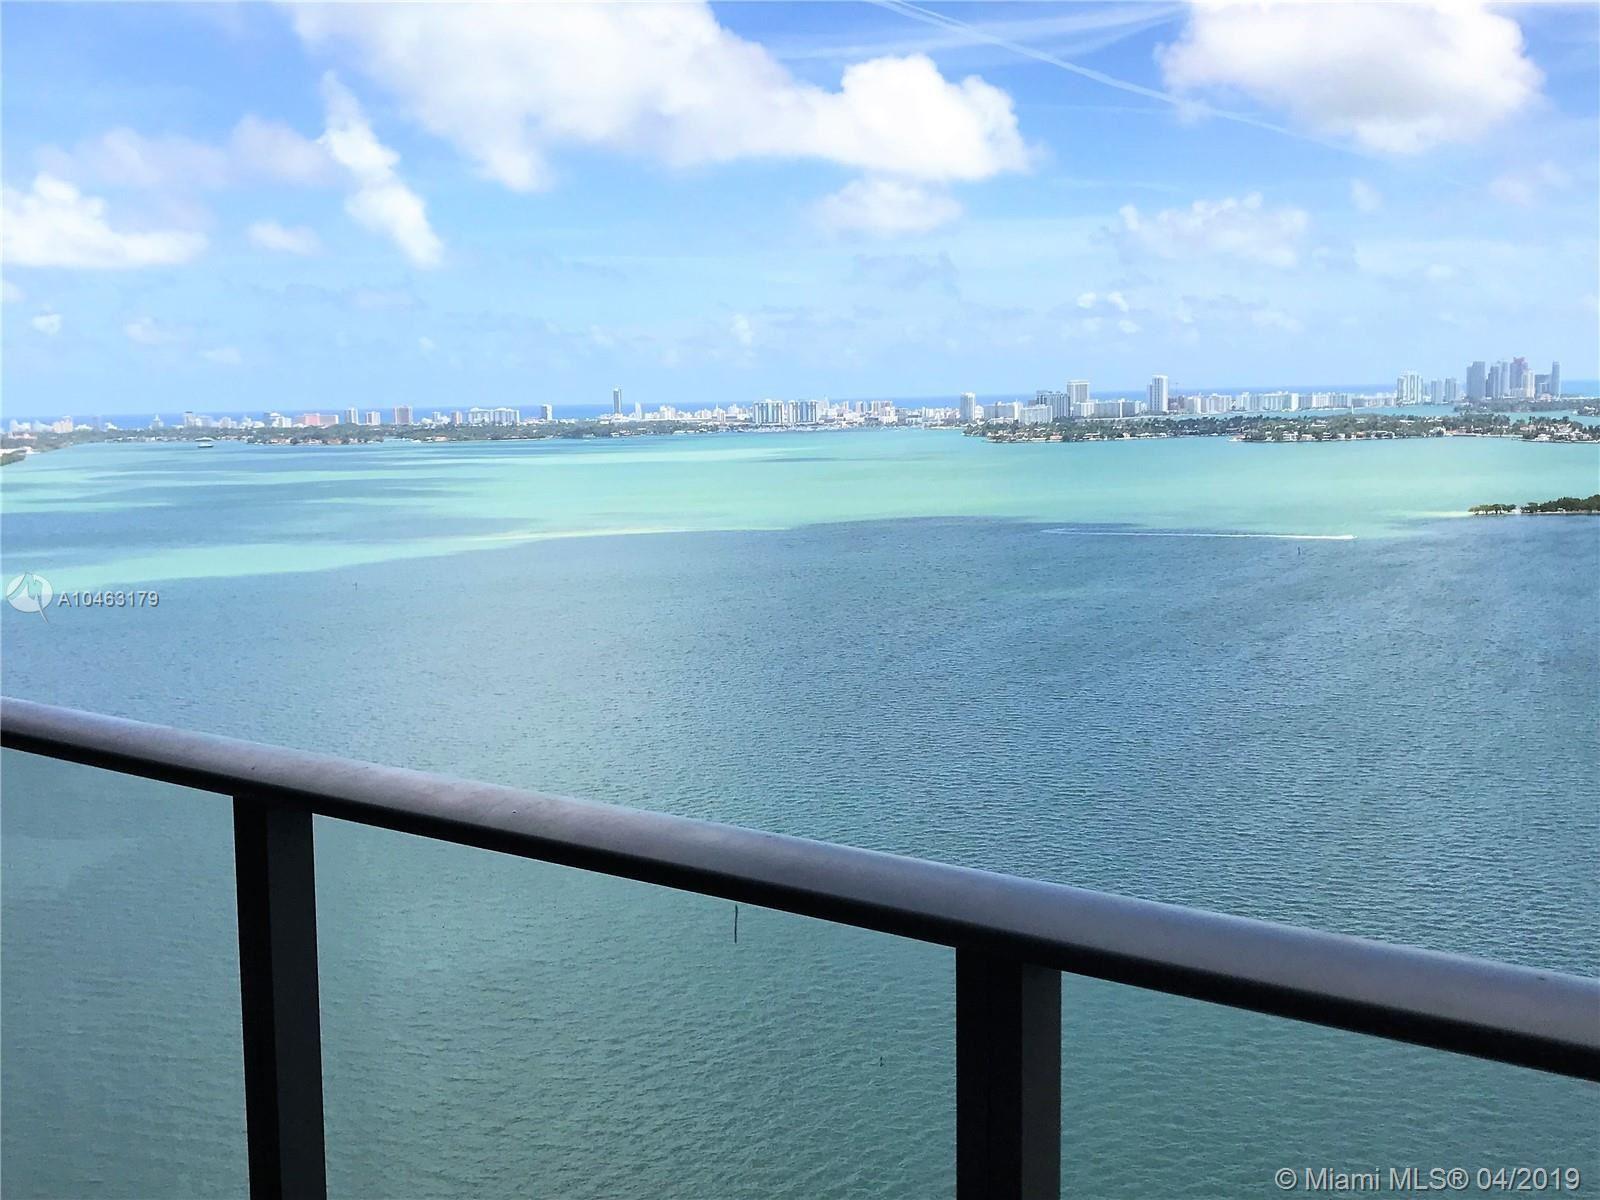 650 NE 32 #3201, Miami, FL 33137 - #: A10463179